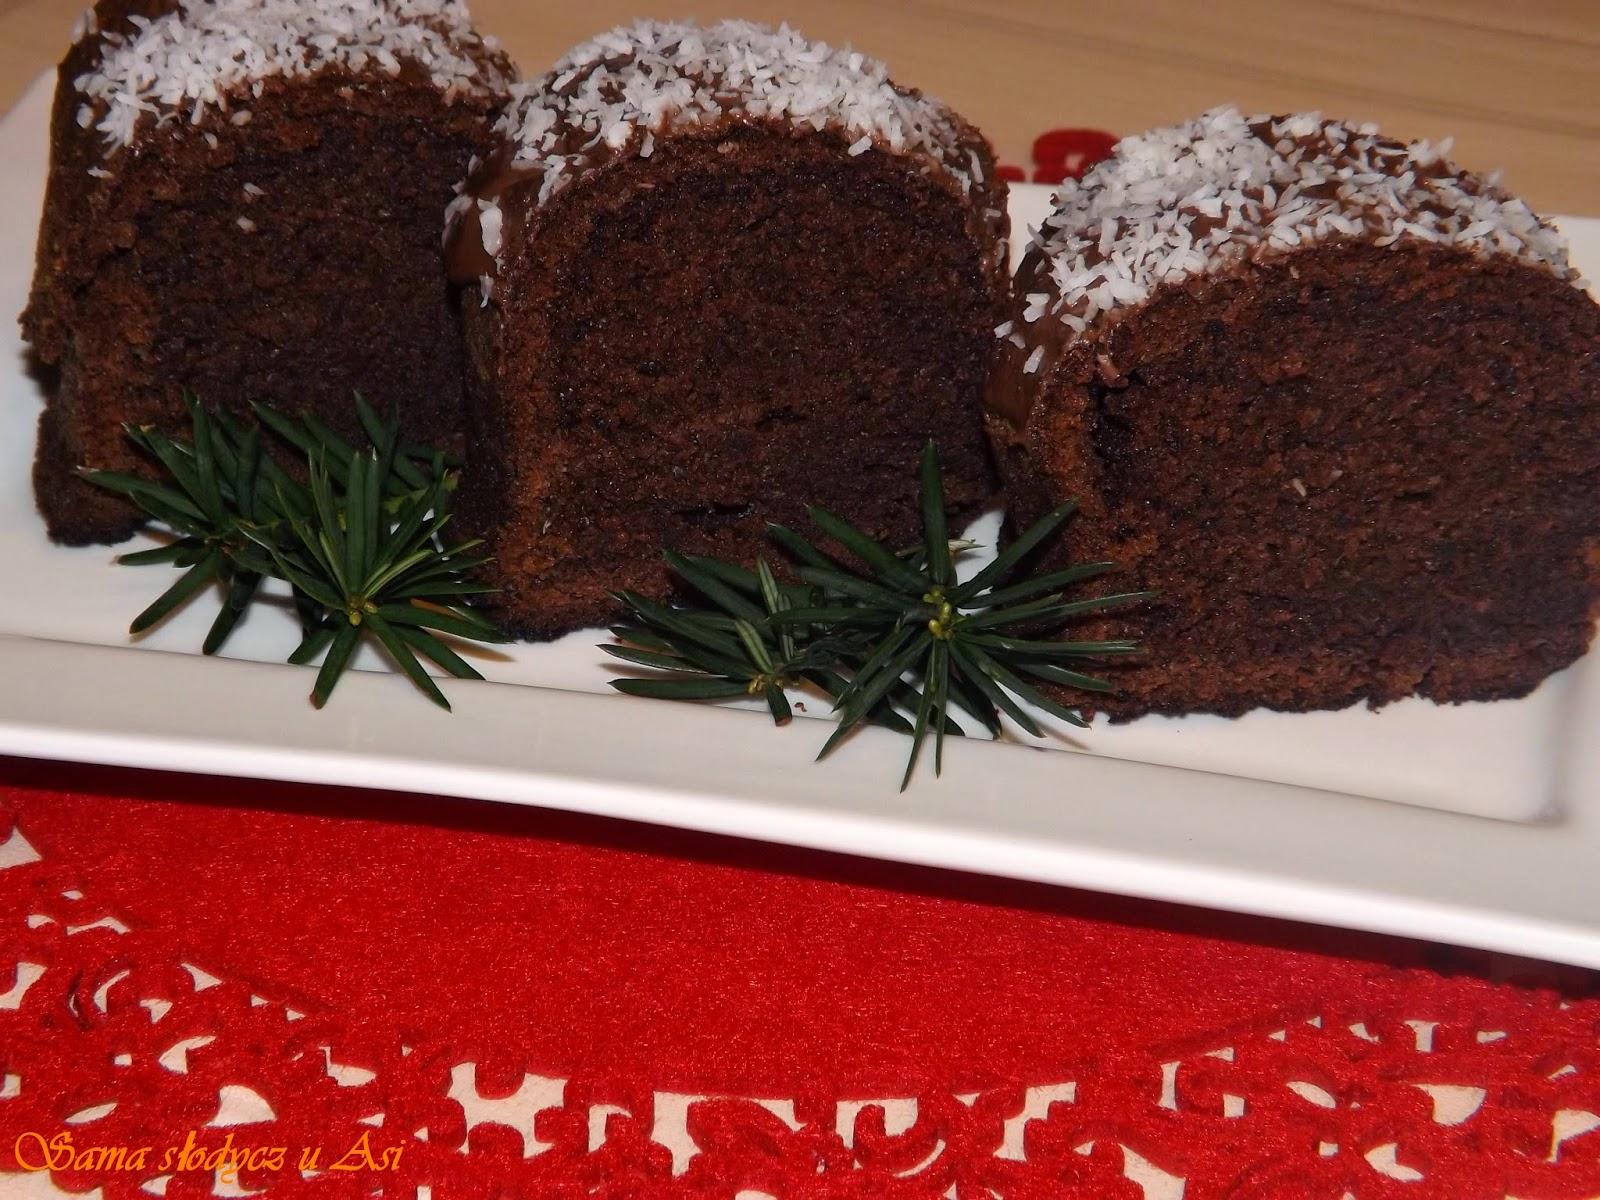 Meksykańskie ciasto czekoladowe z kawą i nutellą